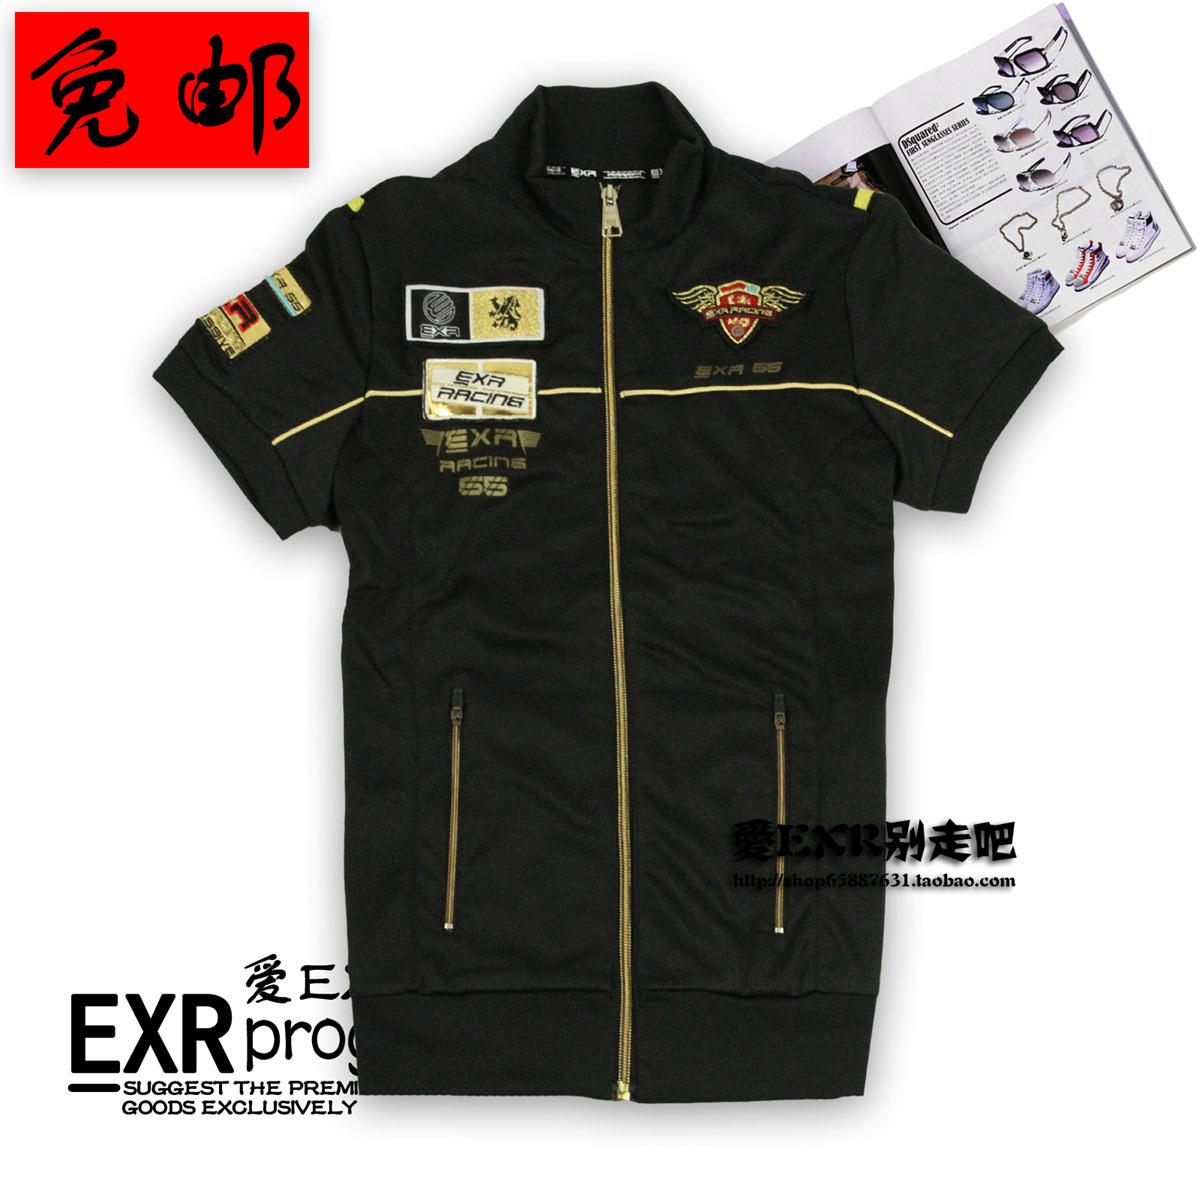 Спортивная футболка EXR 171 Стандартный Воротник-стойка Полиэстер Спорт и отдых Воздухопроницаемые, Защита от UV, Ультралегкий, Быстросохнущие, Влагопоглощающая функция Дизайн, С надписями, С логотипом бренда